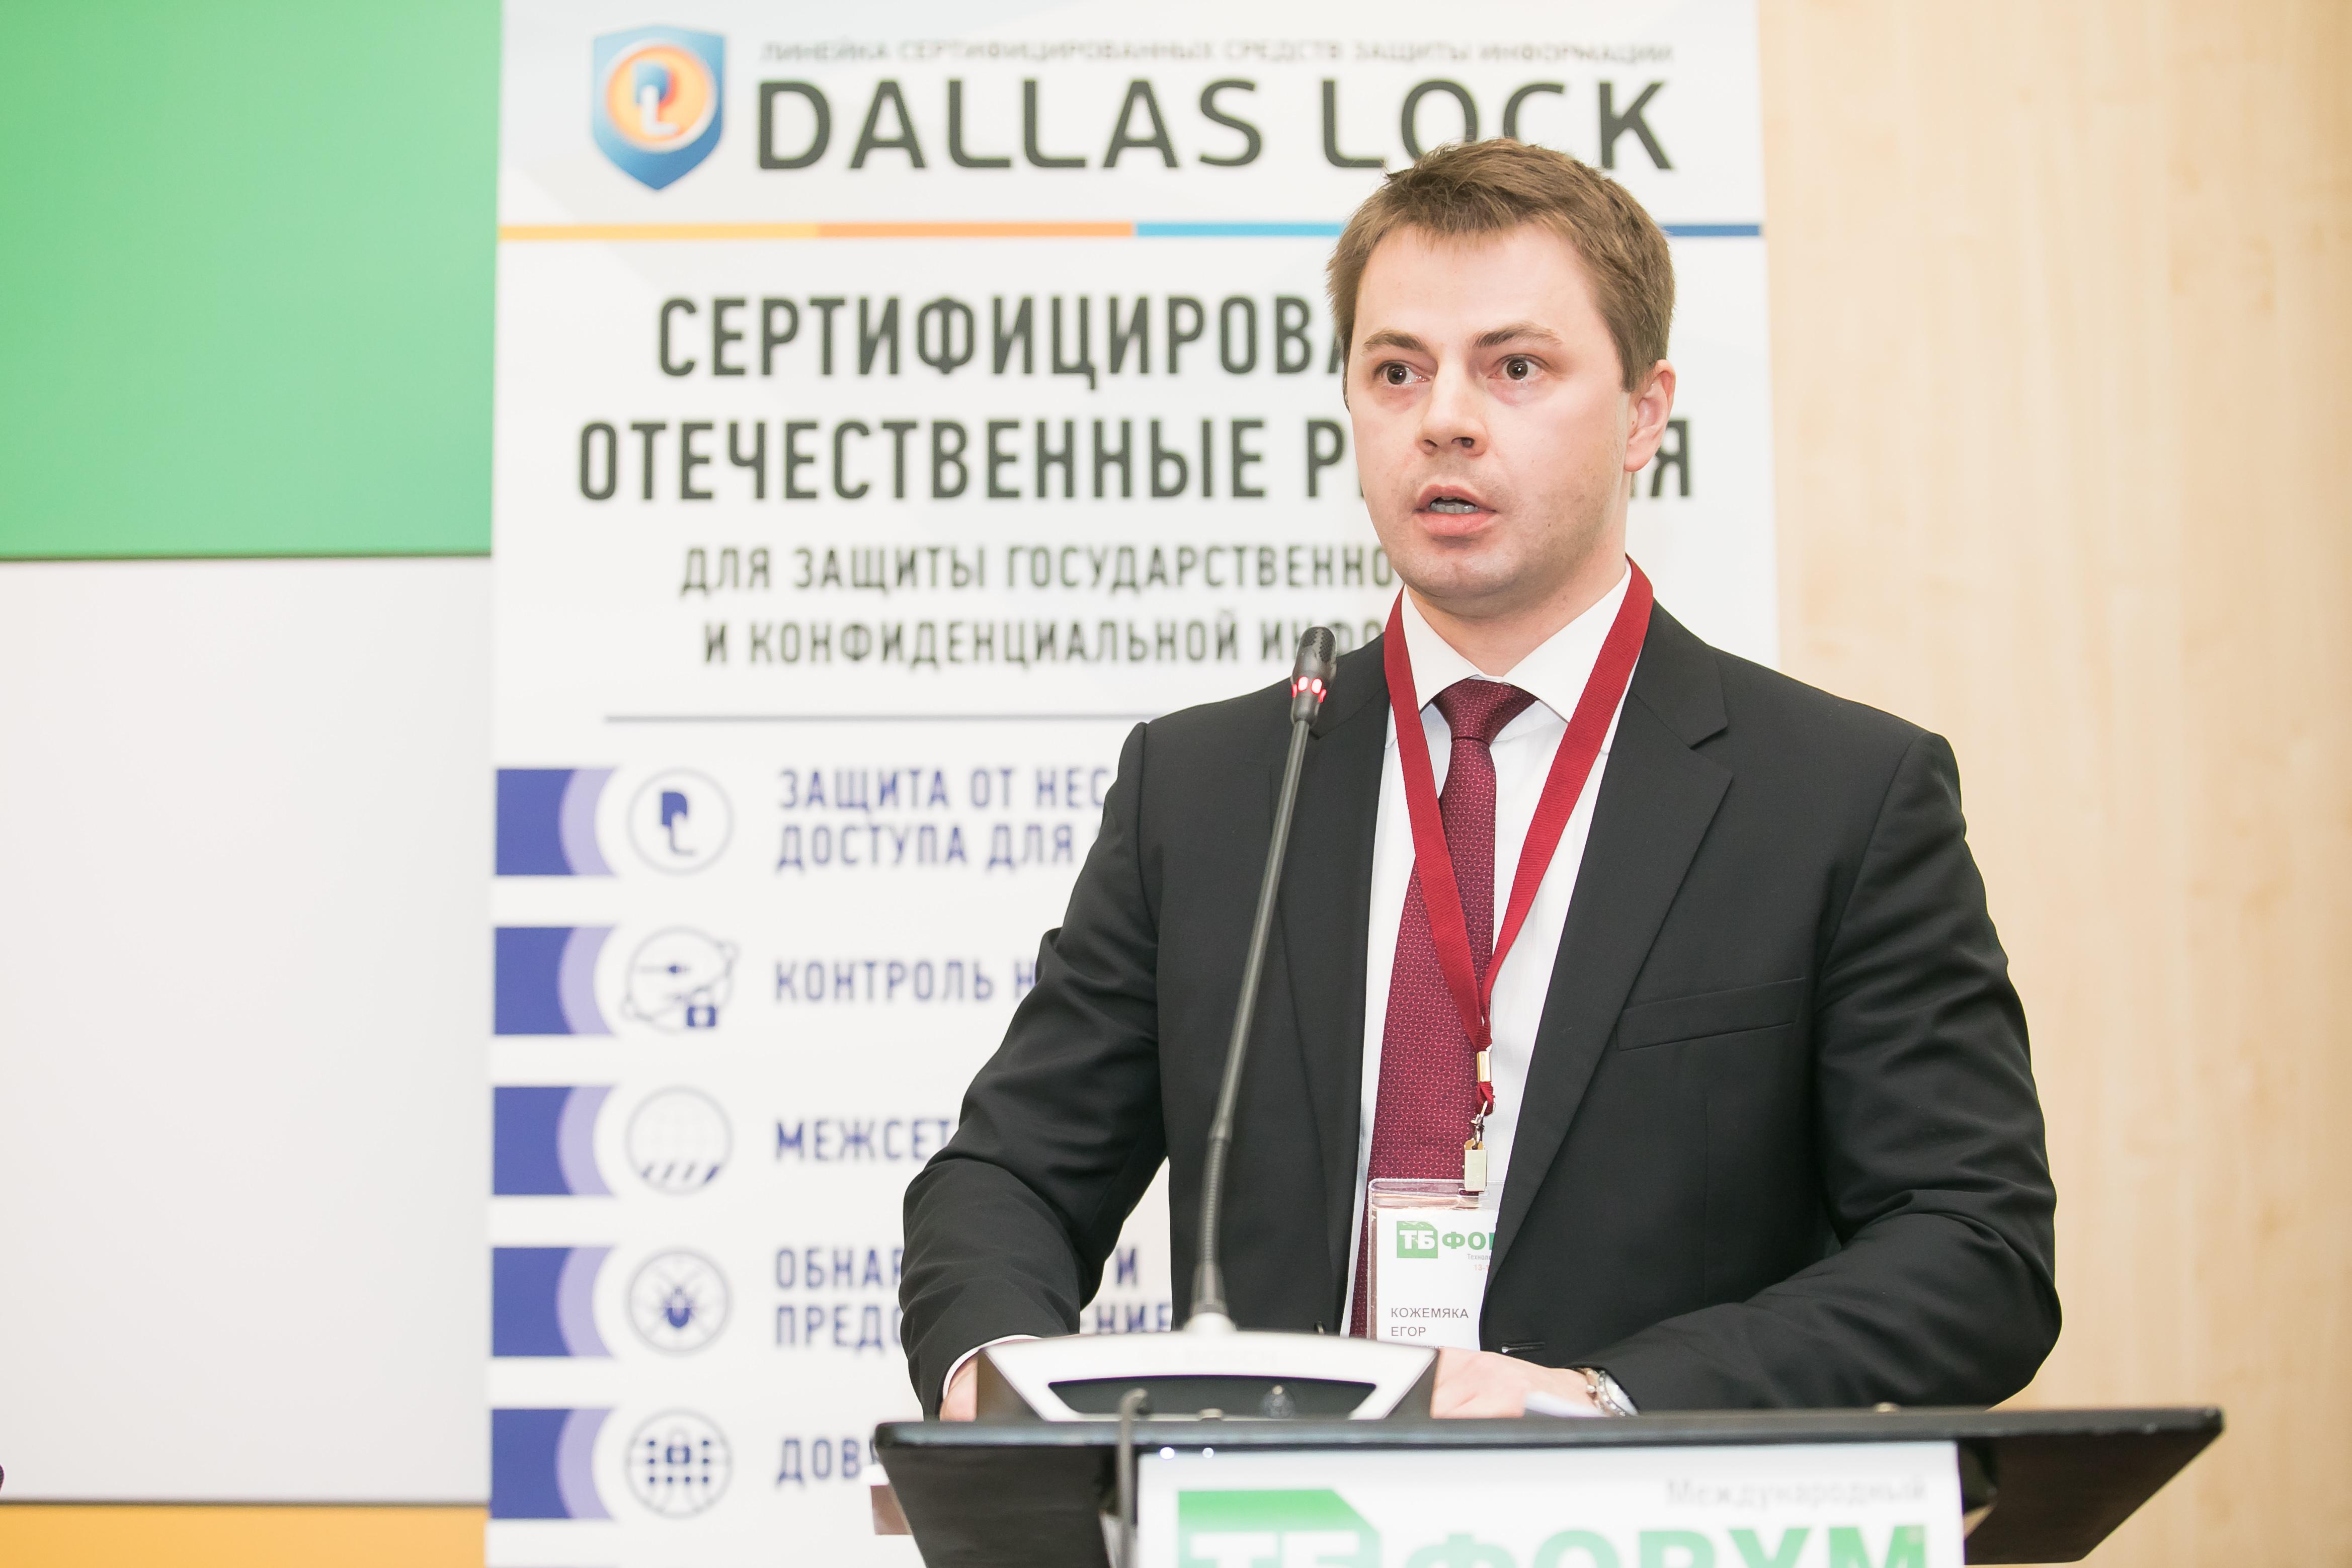 Импортозамещение в области информационной безопасности России: достижения, проблемы и перспективы